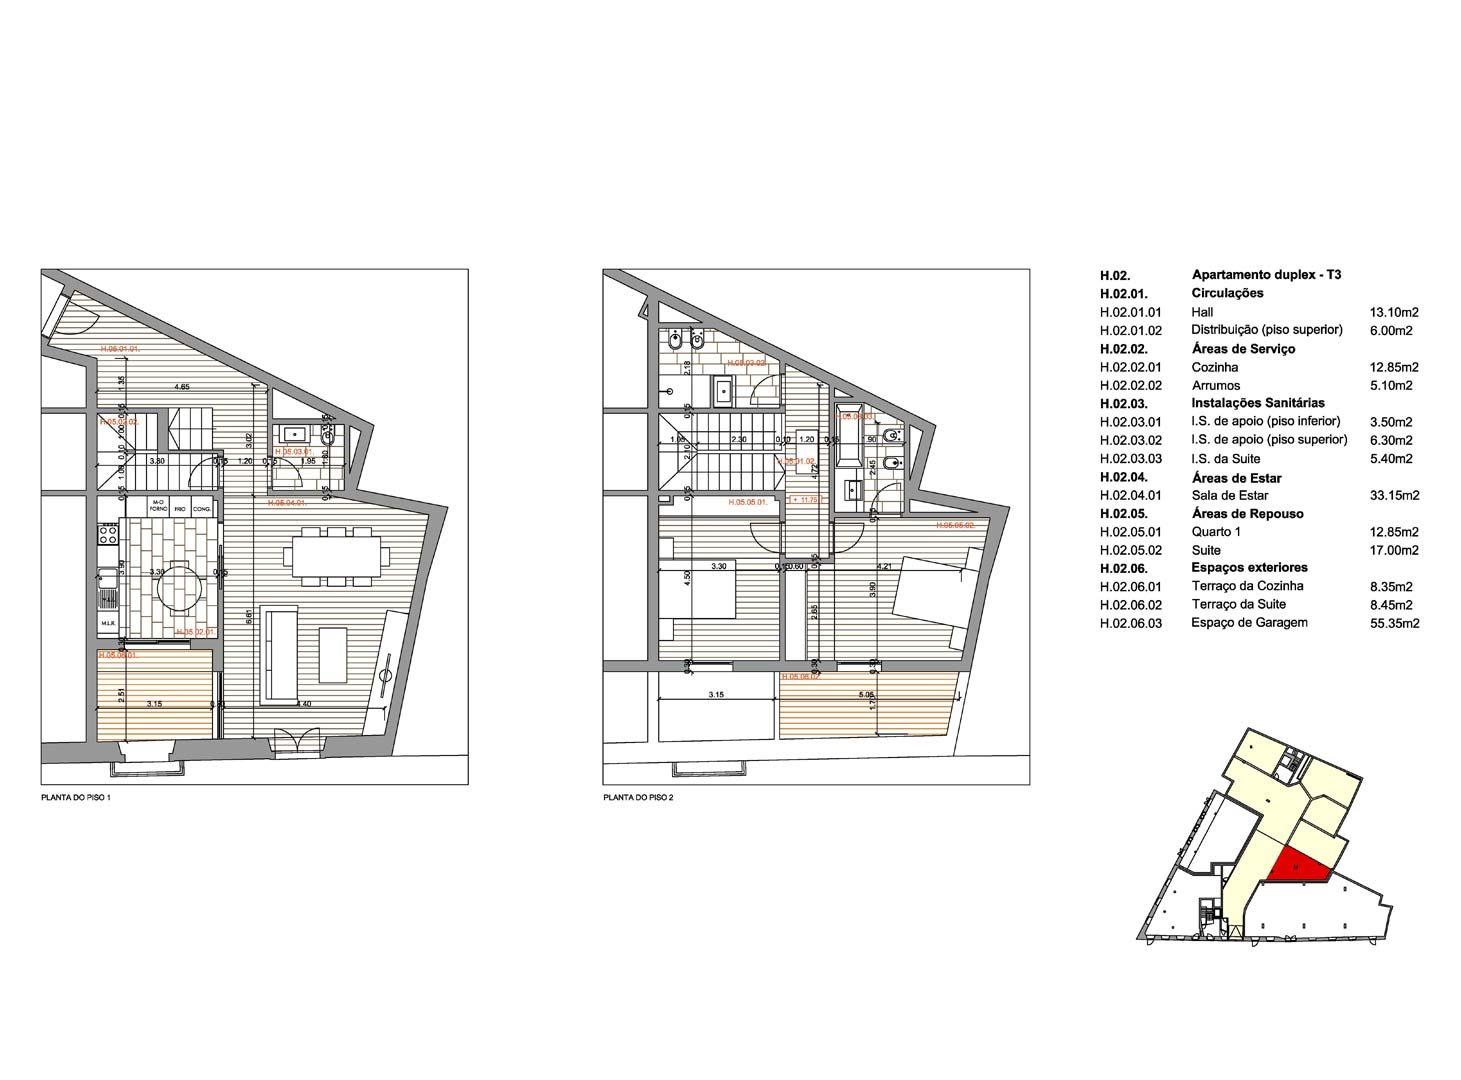 atrium arade house plans image